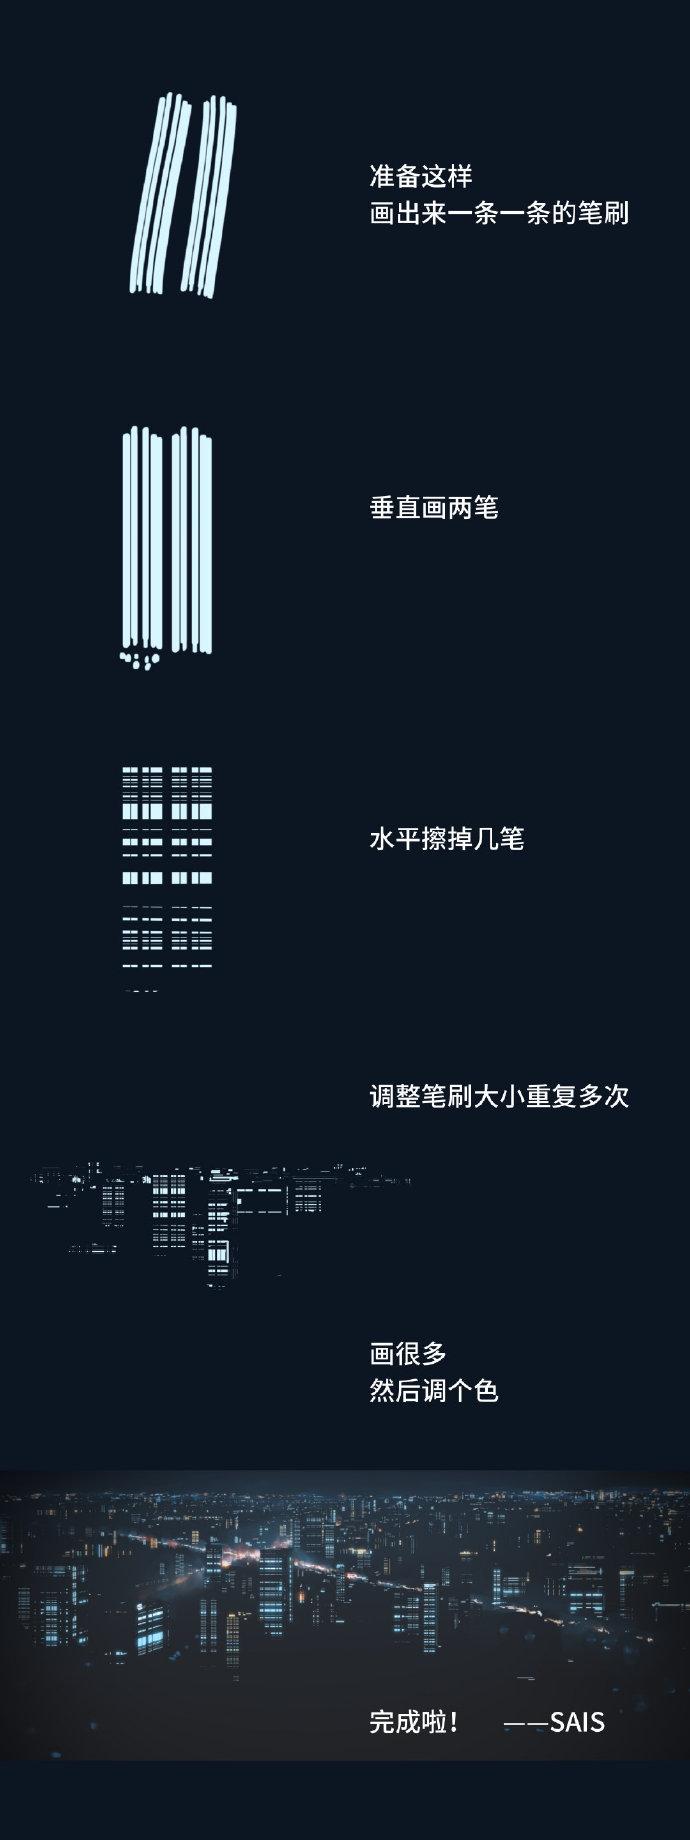 """2020福利汇总第35期:""""万达广场卫生间32秒视频""""是什么梗? liuliushe.net六六社 第38张"""